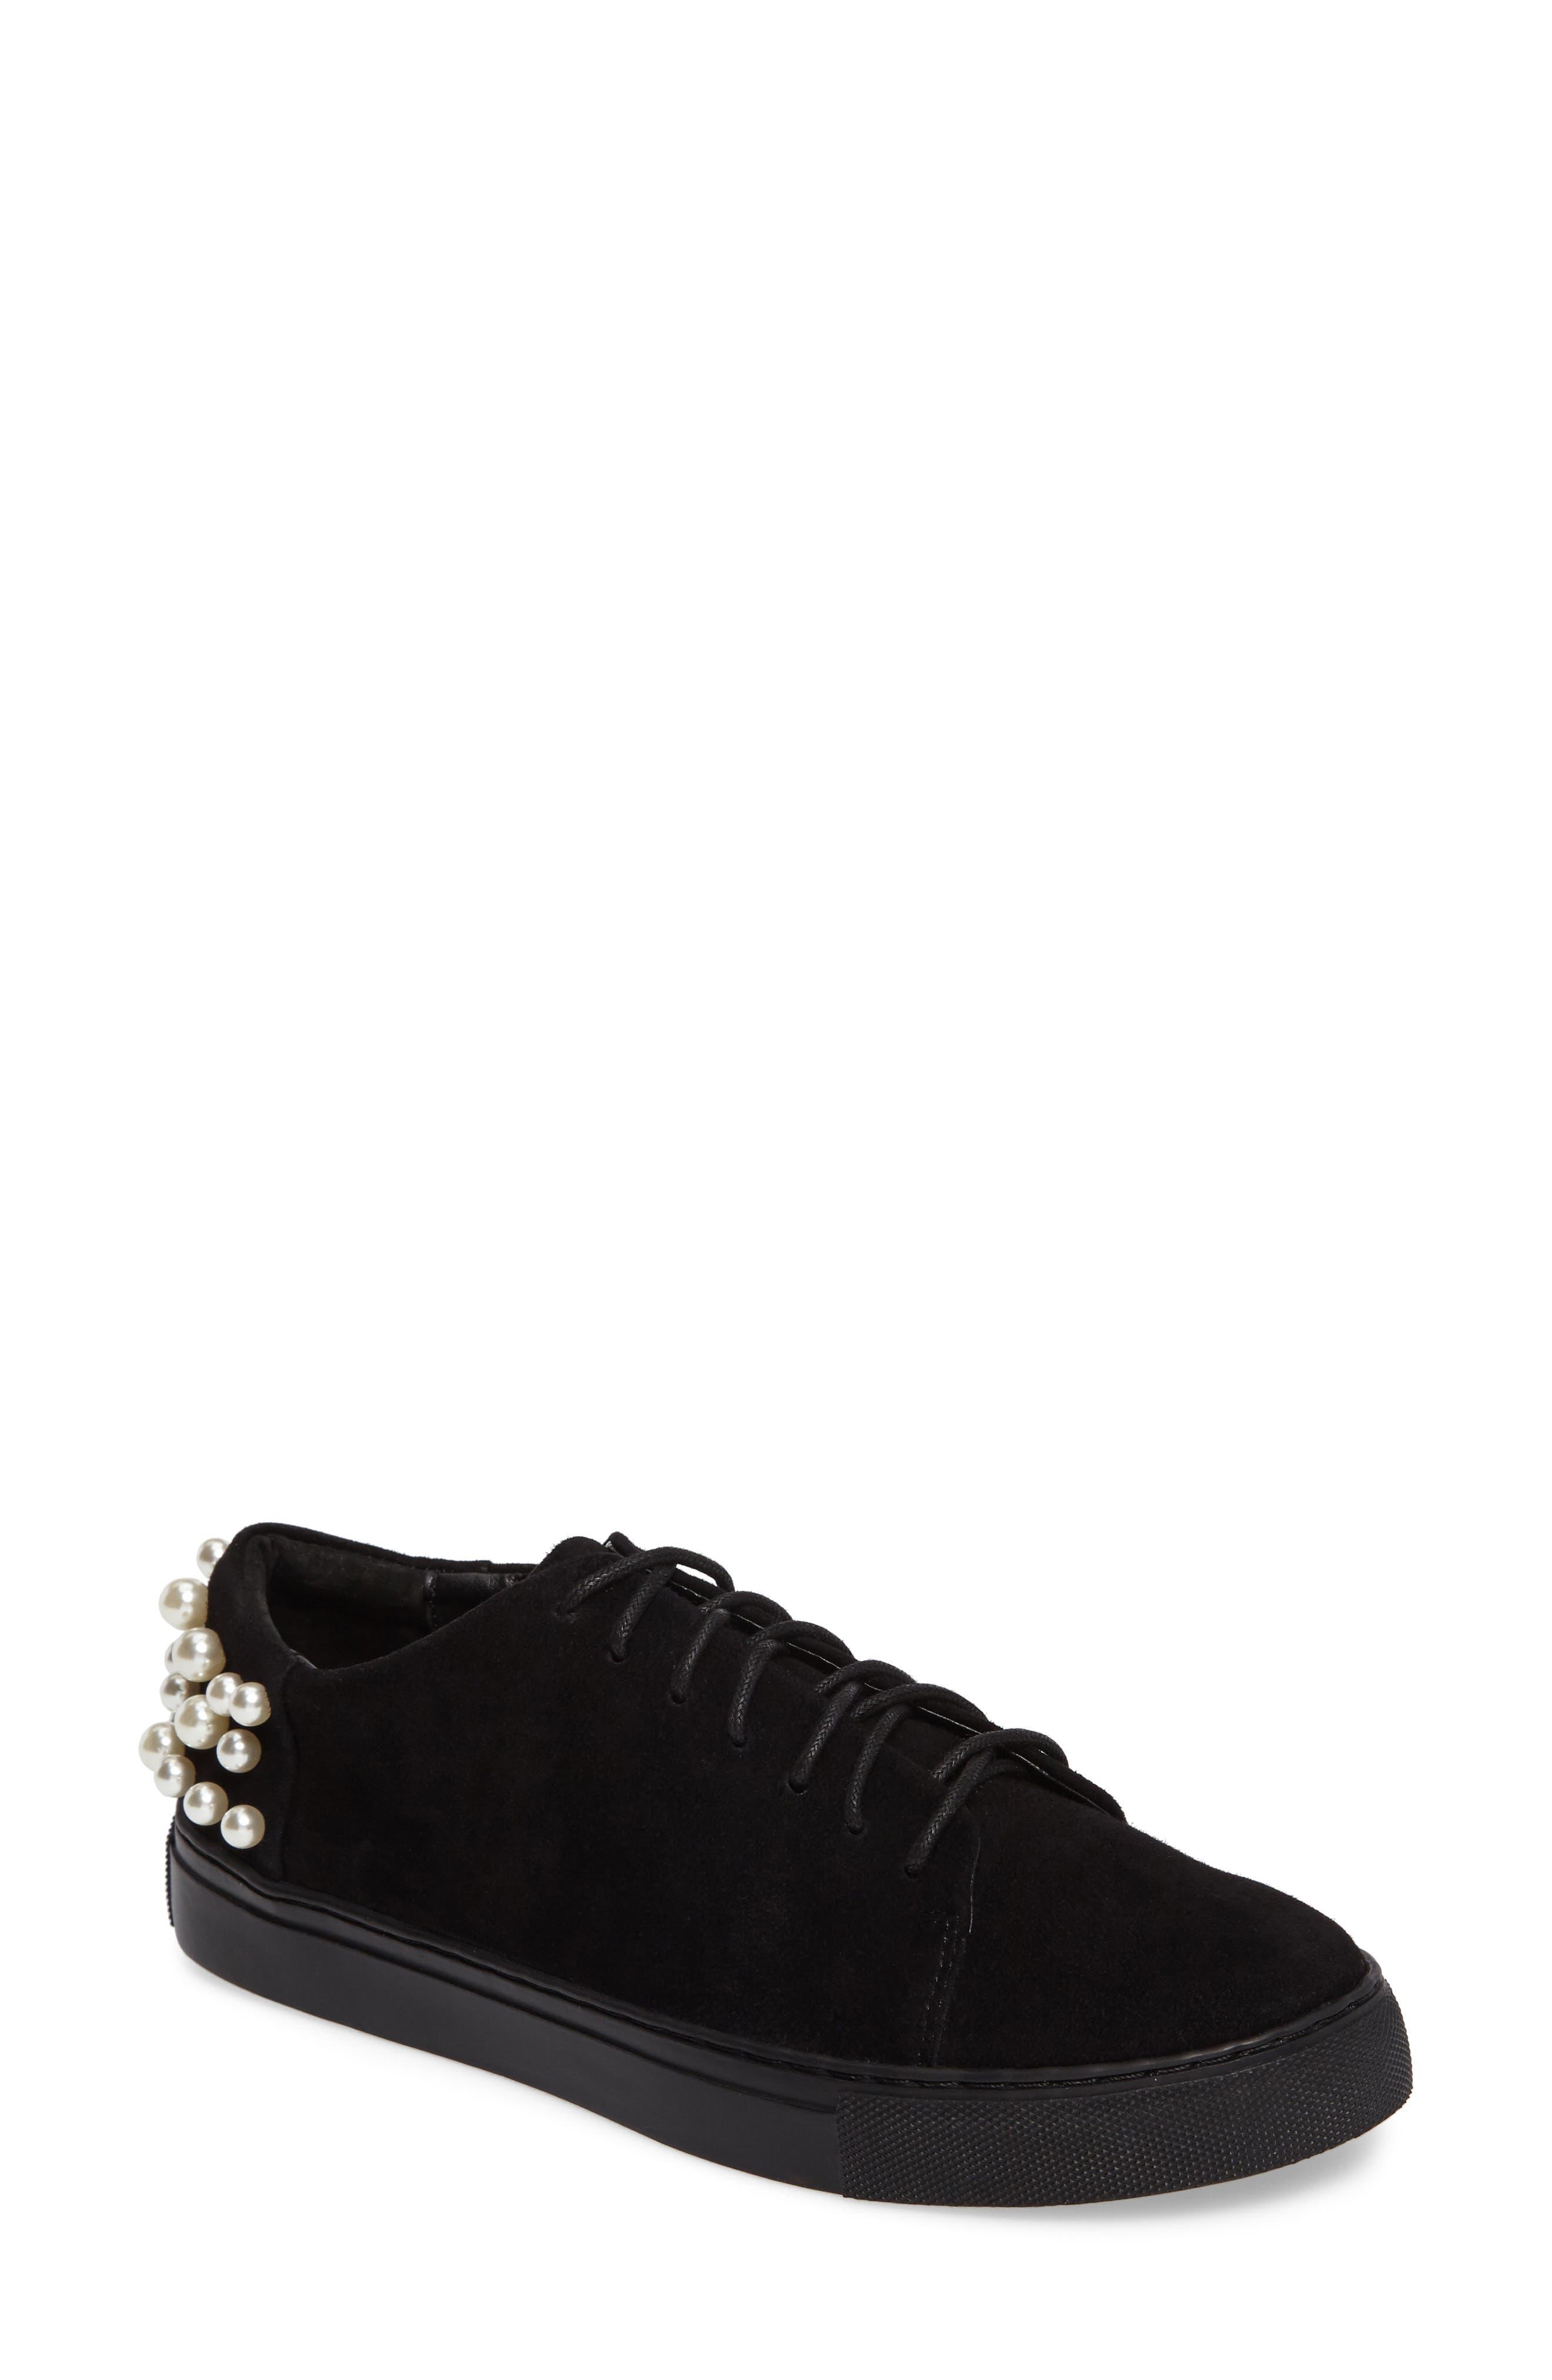 Haig Embellished Sneaker,                         Main,                         color, Black